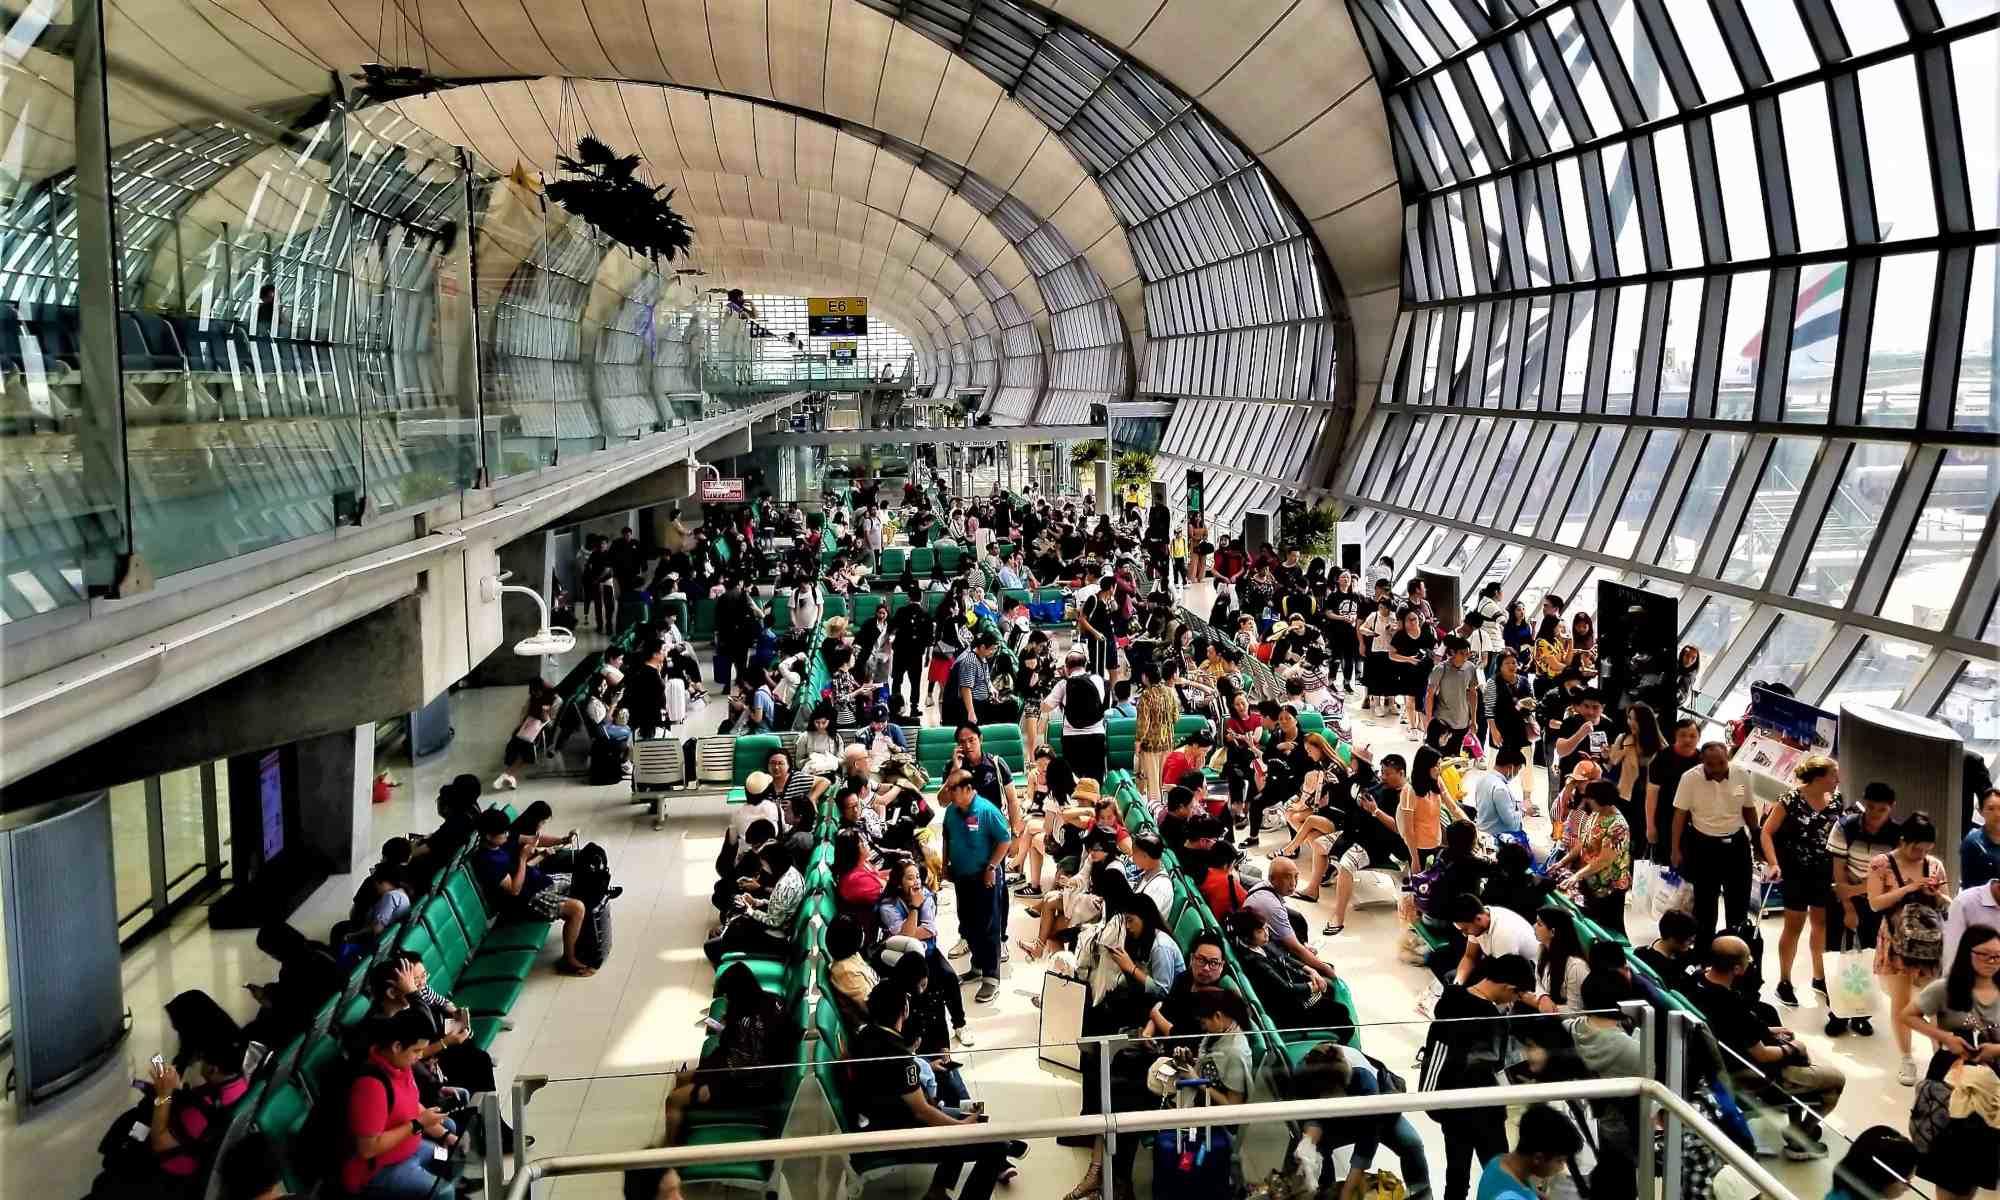 imageLof-departure-gate-at-bangkok-international-airport